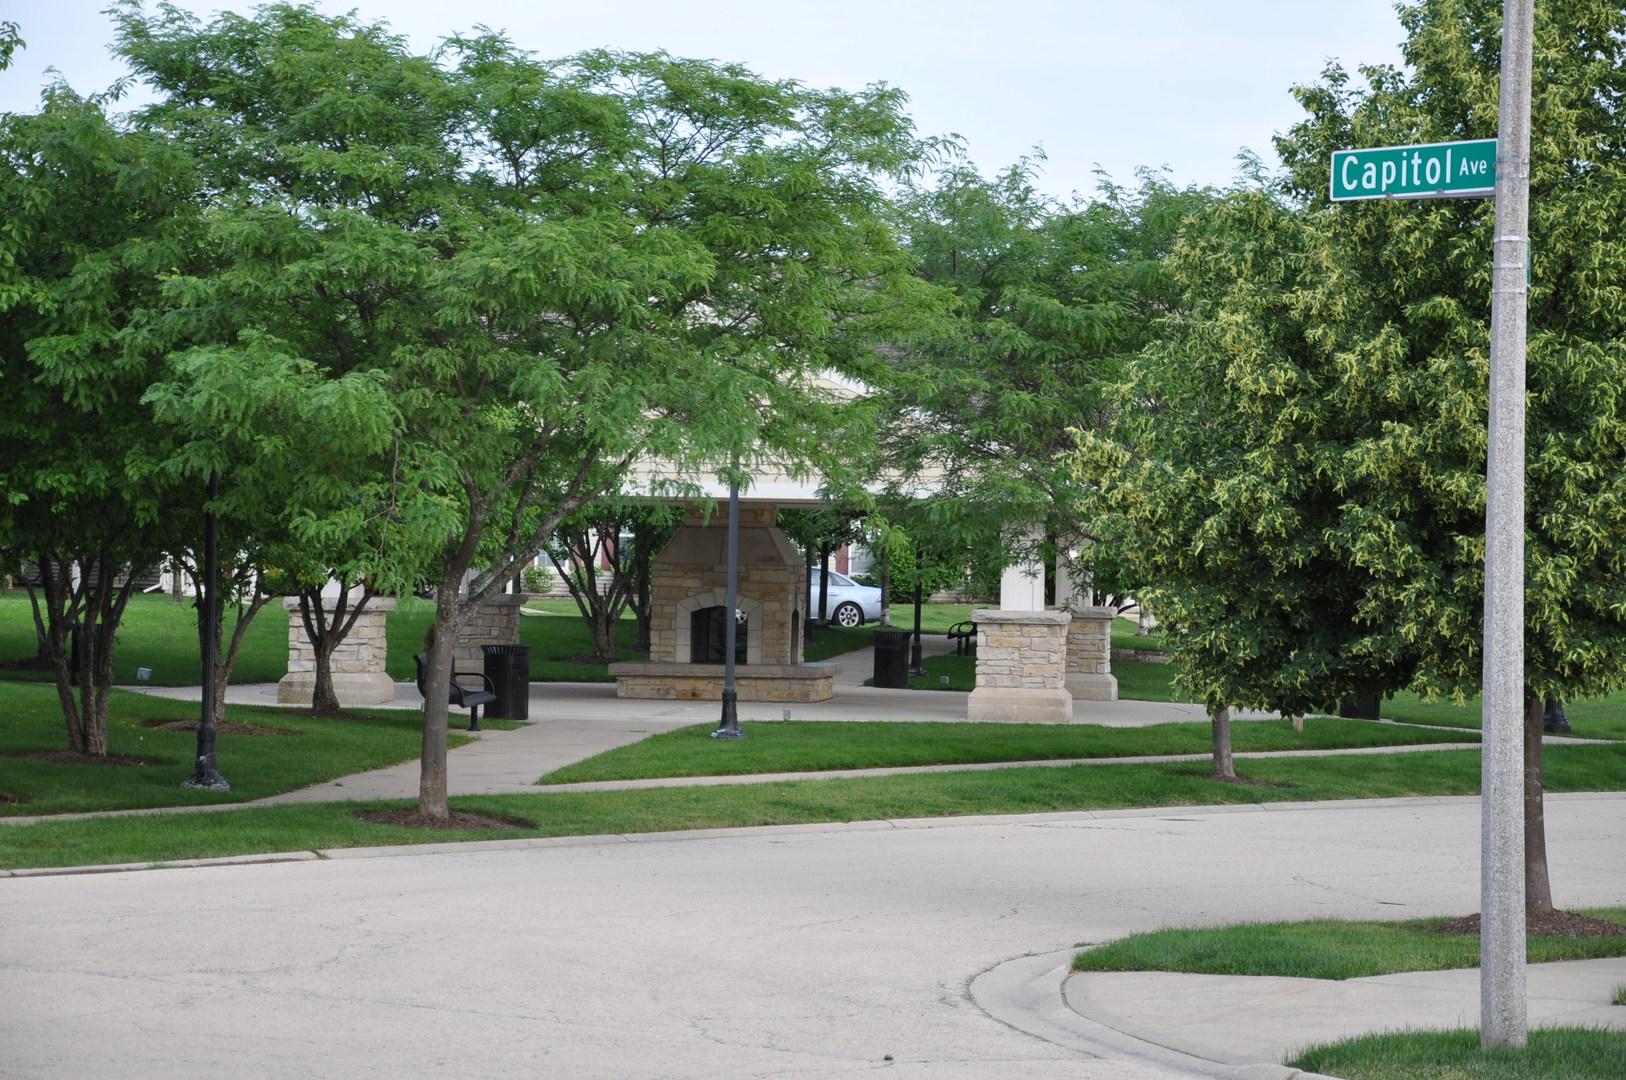 2574 Capitol, AURORA, Illinois, 60503